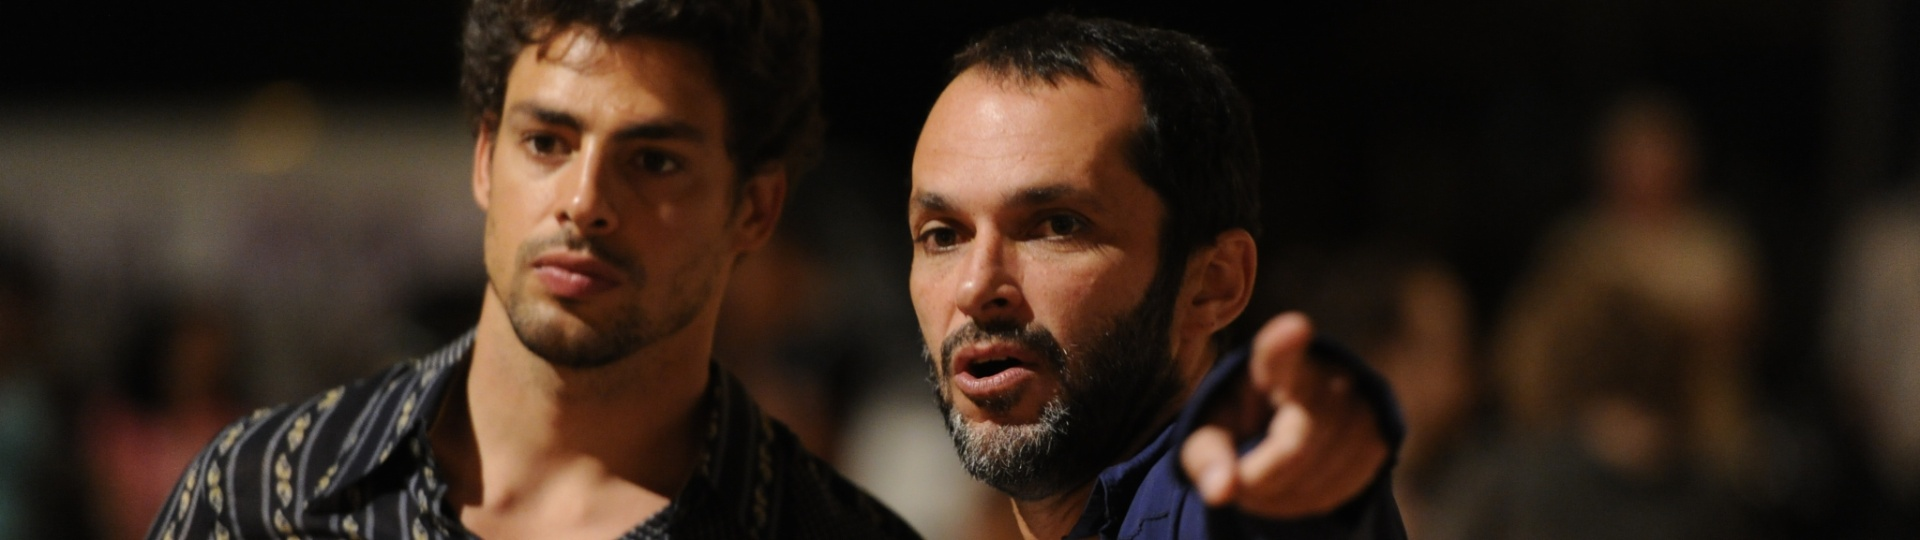 29.nov.2013 - Cauã Reymond conversa com o diretor José Luiz Villamarim nos bastidores da minissérie